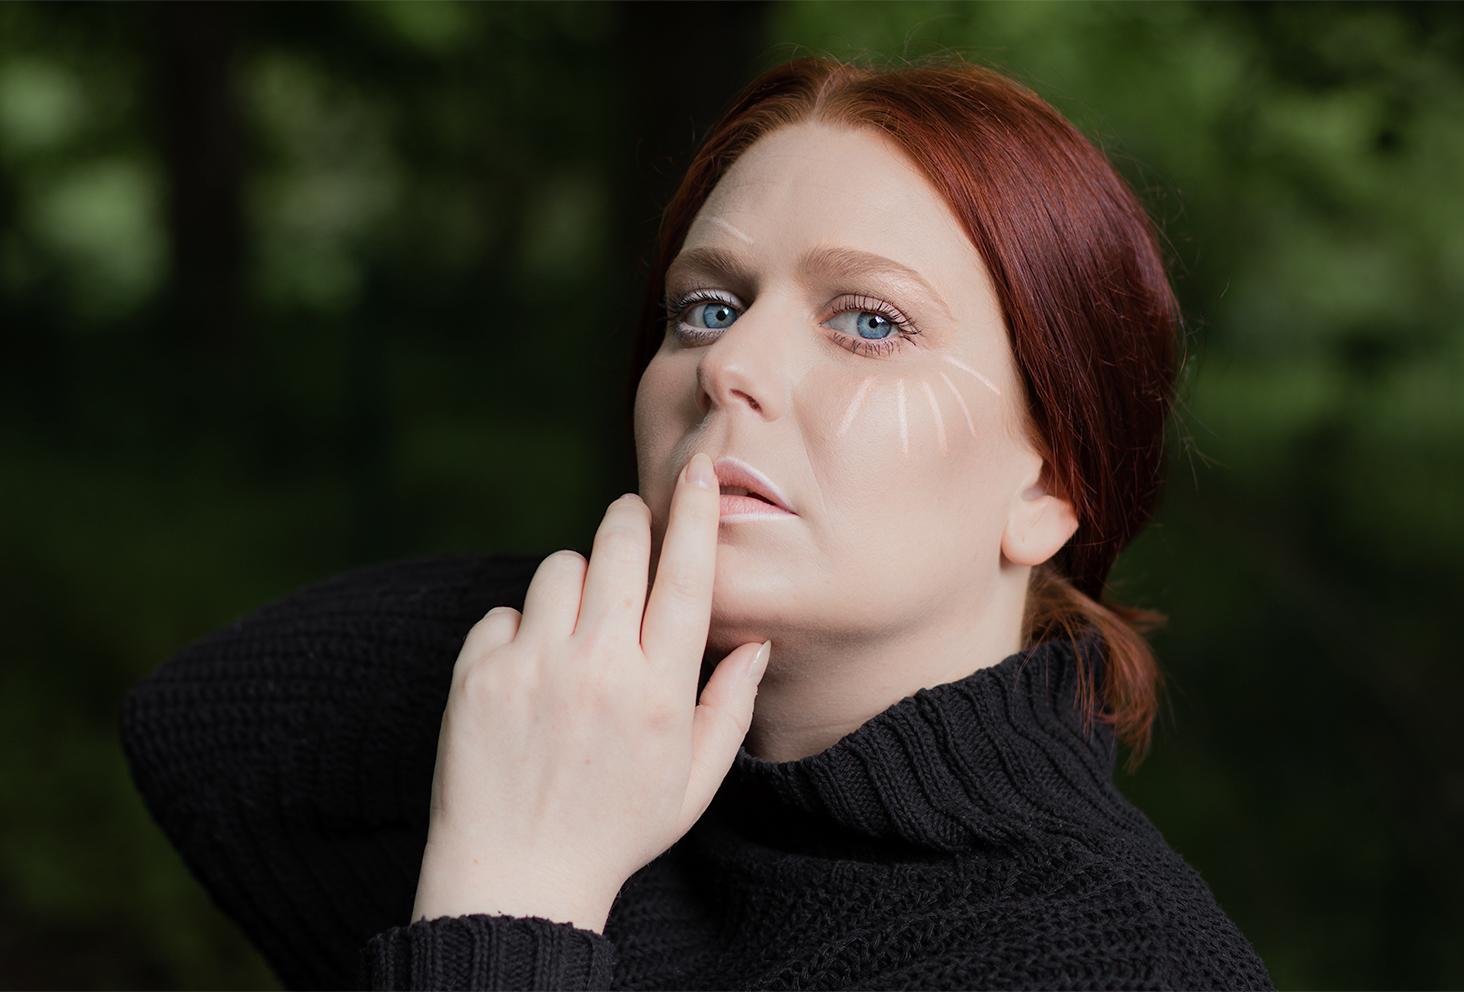 Un make-up géométrique pour parler des crises d'angoisse, les cheveux attachés, de profil, un doigt silencieux sur les lèvres